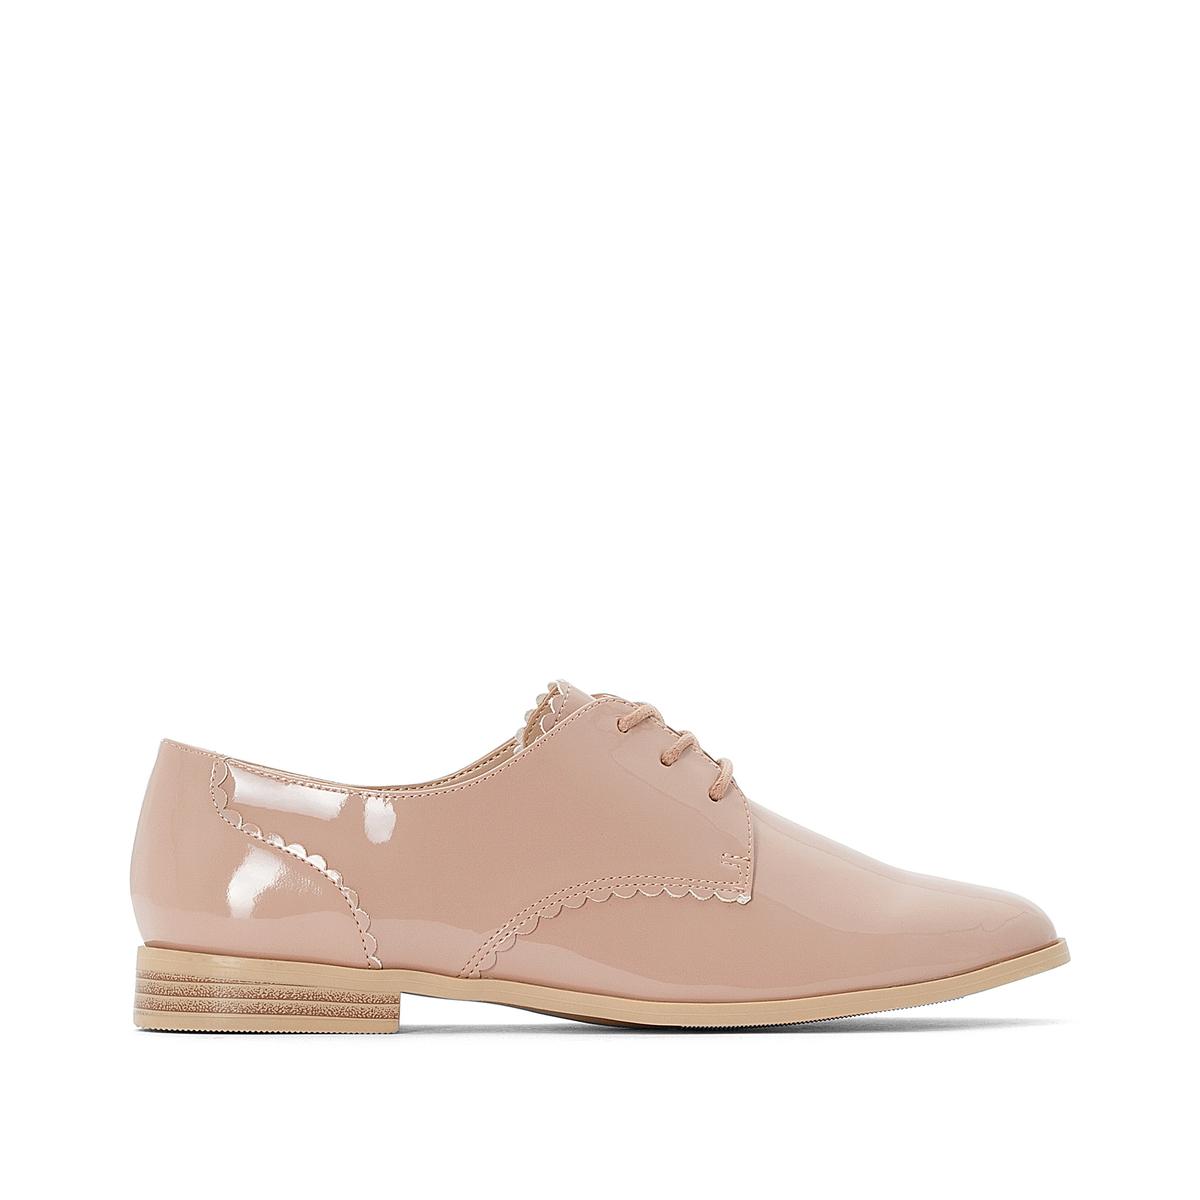 цена Ботинки-дерби La Redoute Лакированные 36 розовый онлайн в 2017 году